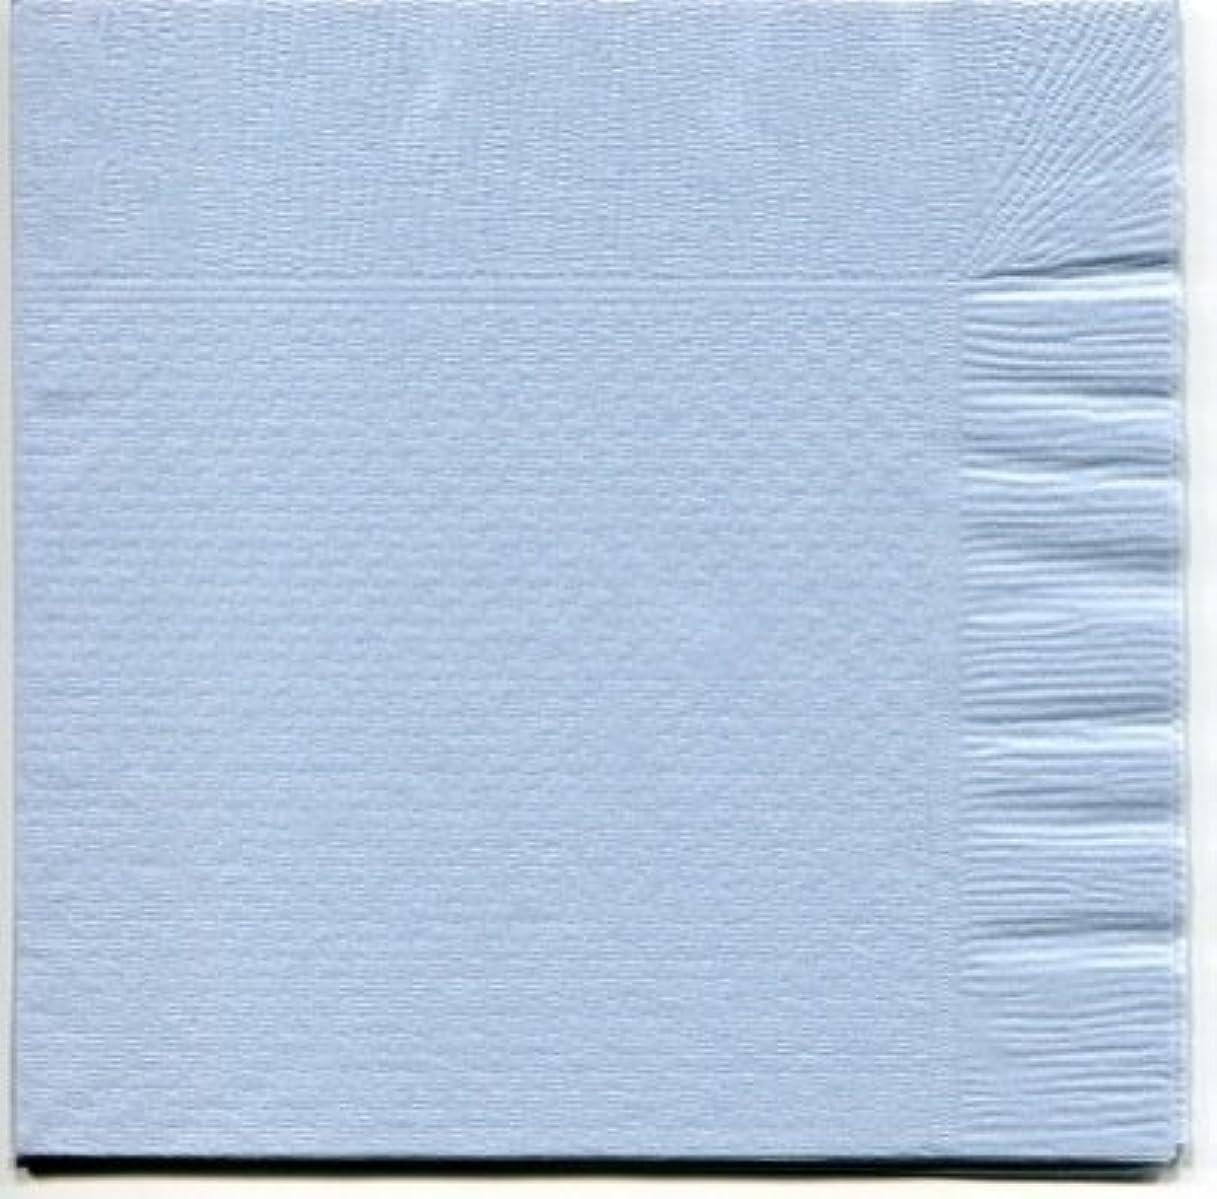 マトリックススカーフ消費するカラー4折紙ナプキン「ブルー」(100枚)